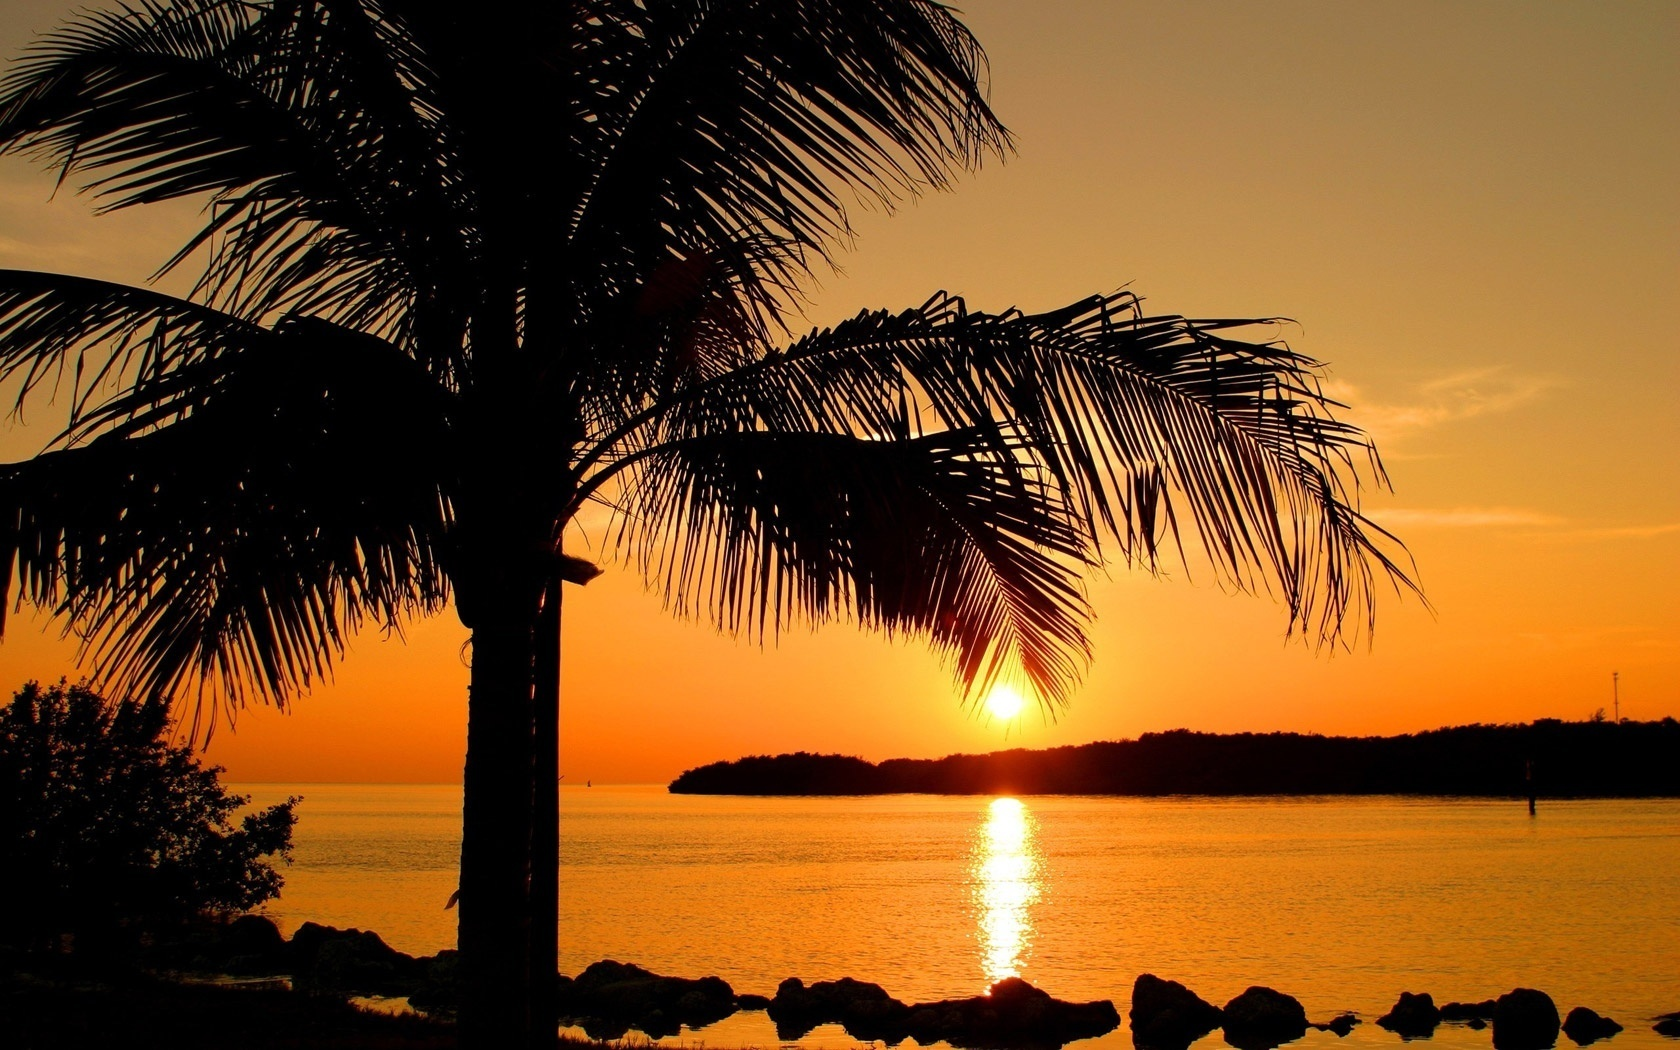 картинки с рассветом и пальмами продуктом, представленным